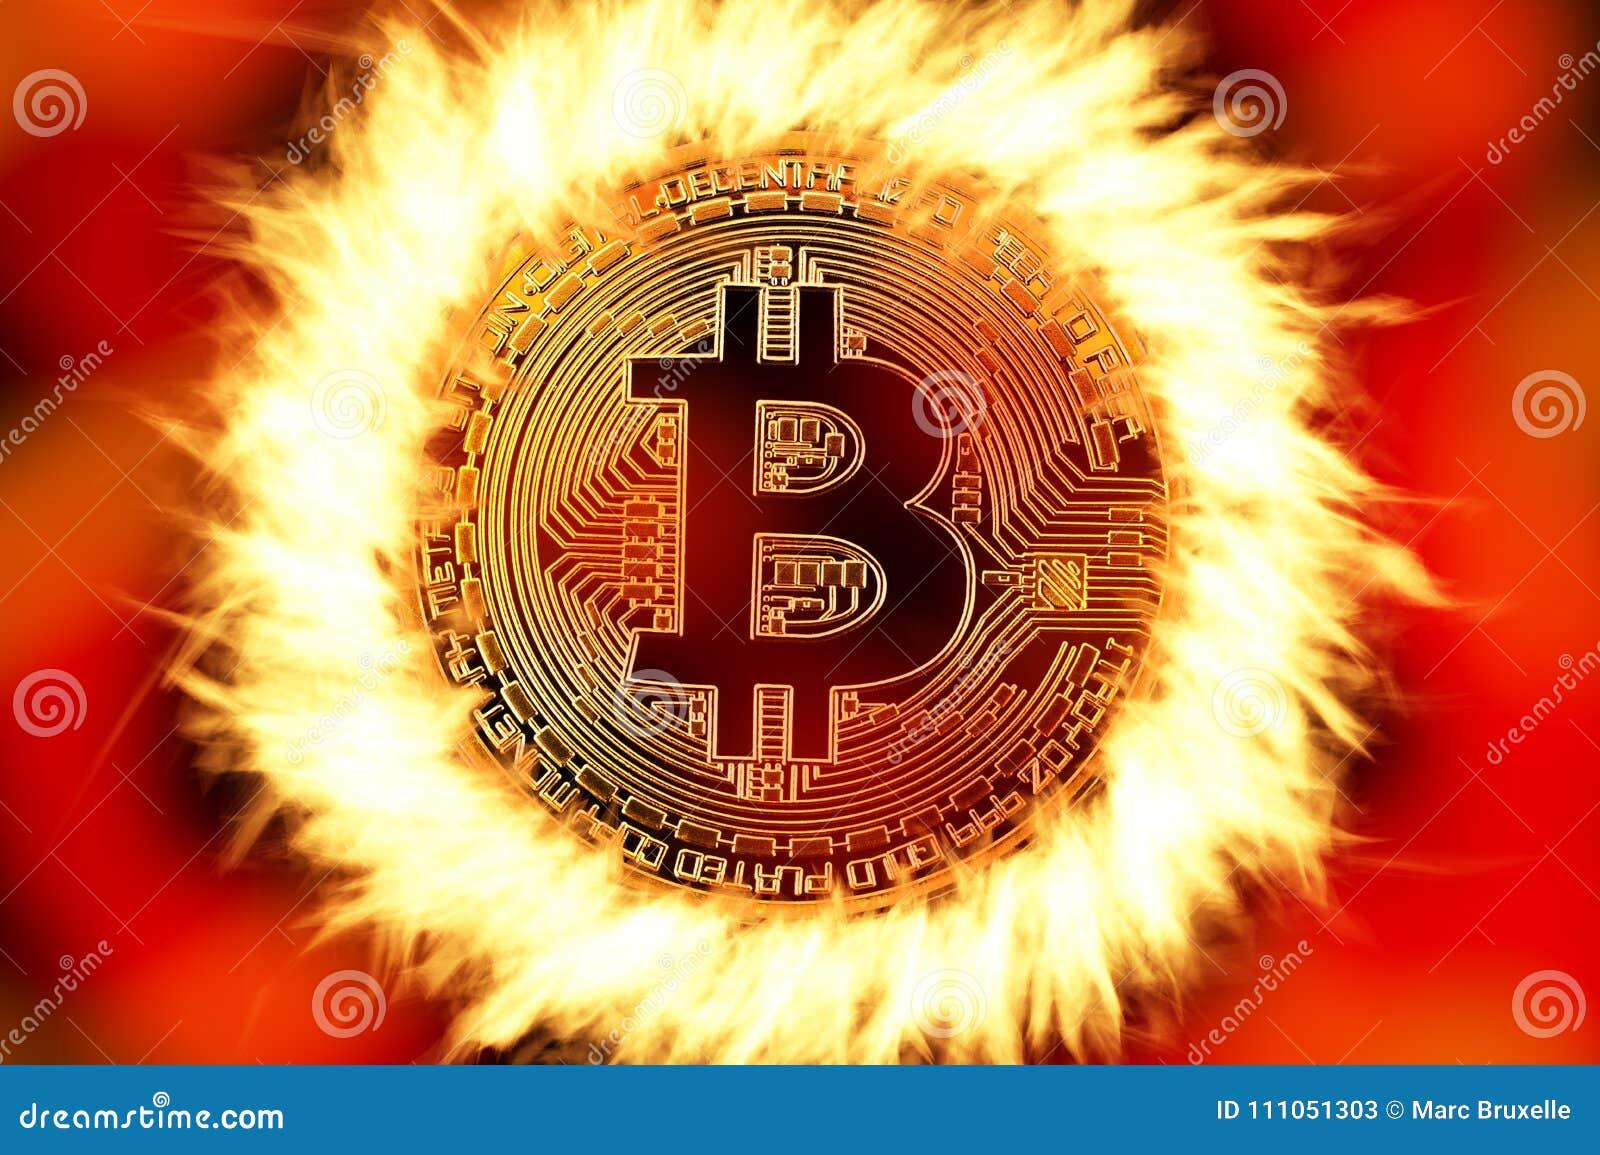 Bitcoin moneta na ogieniu